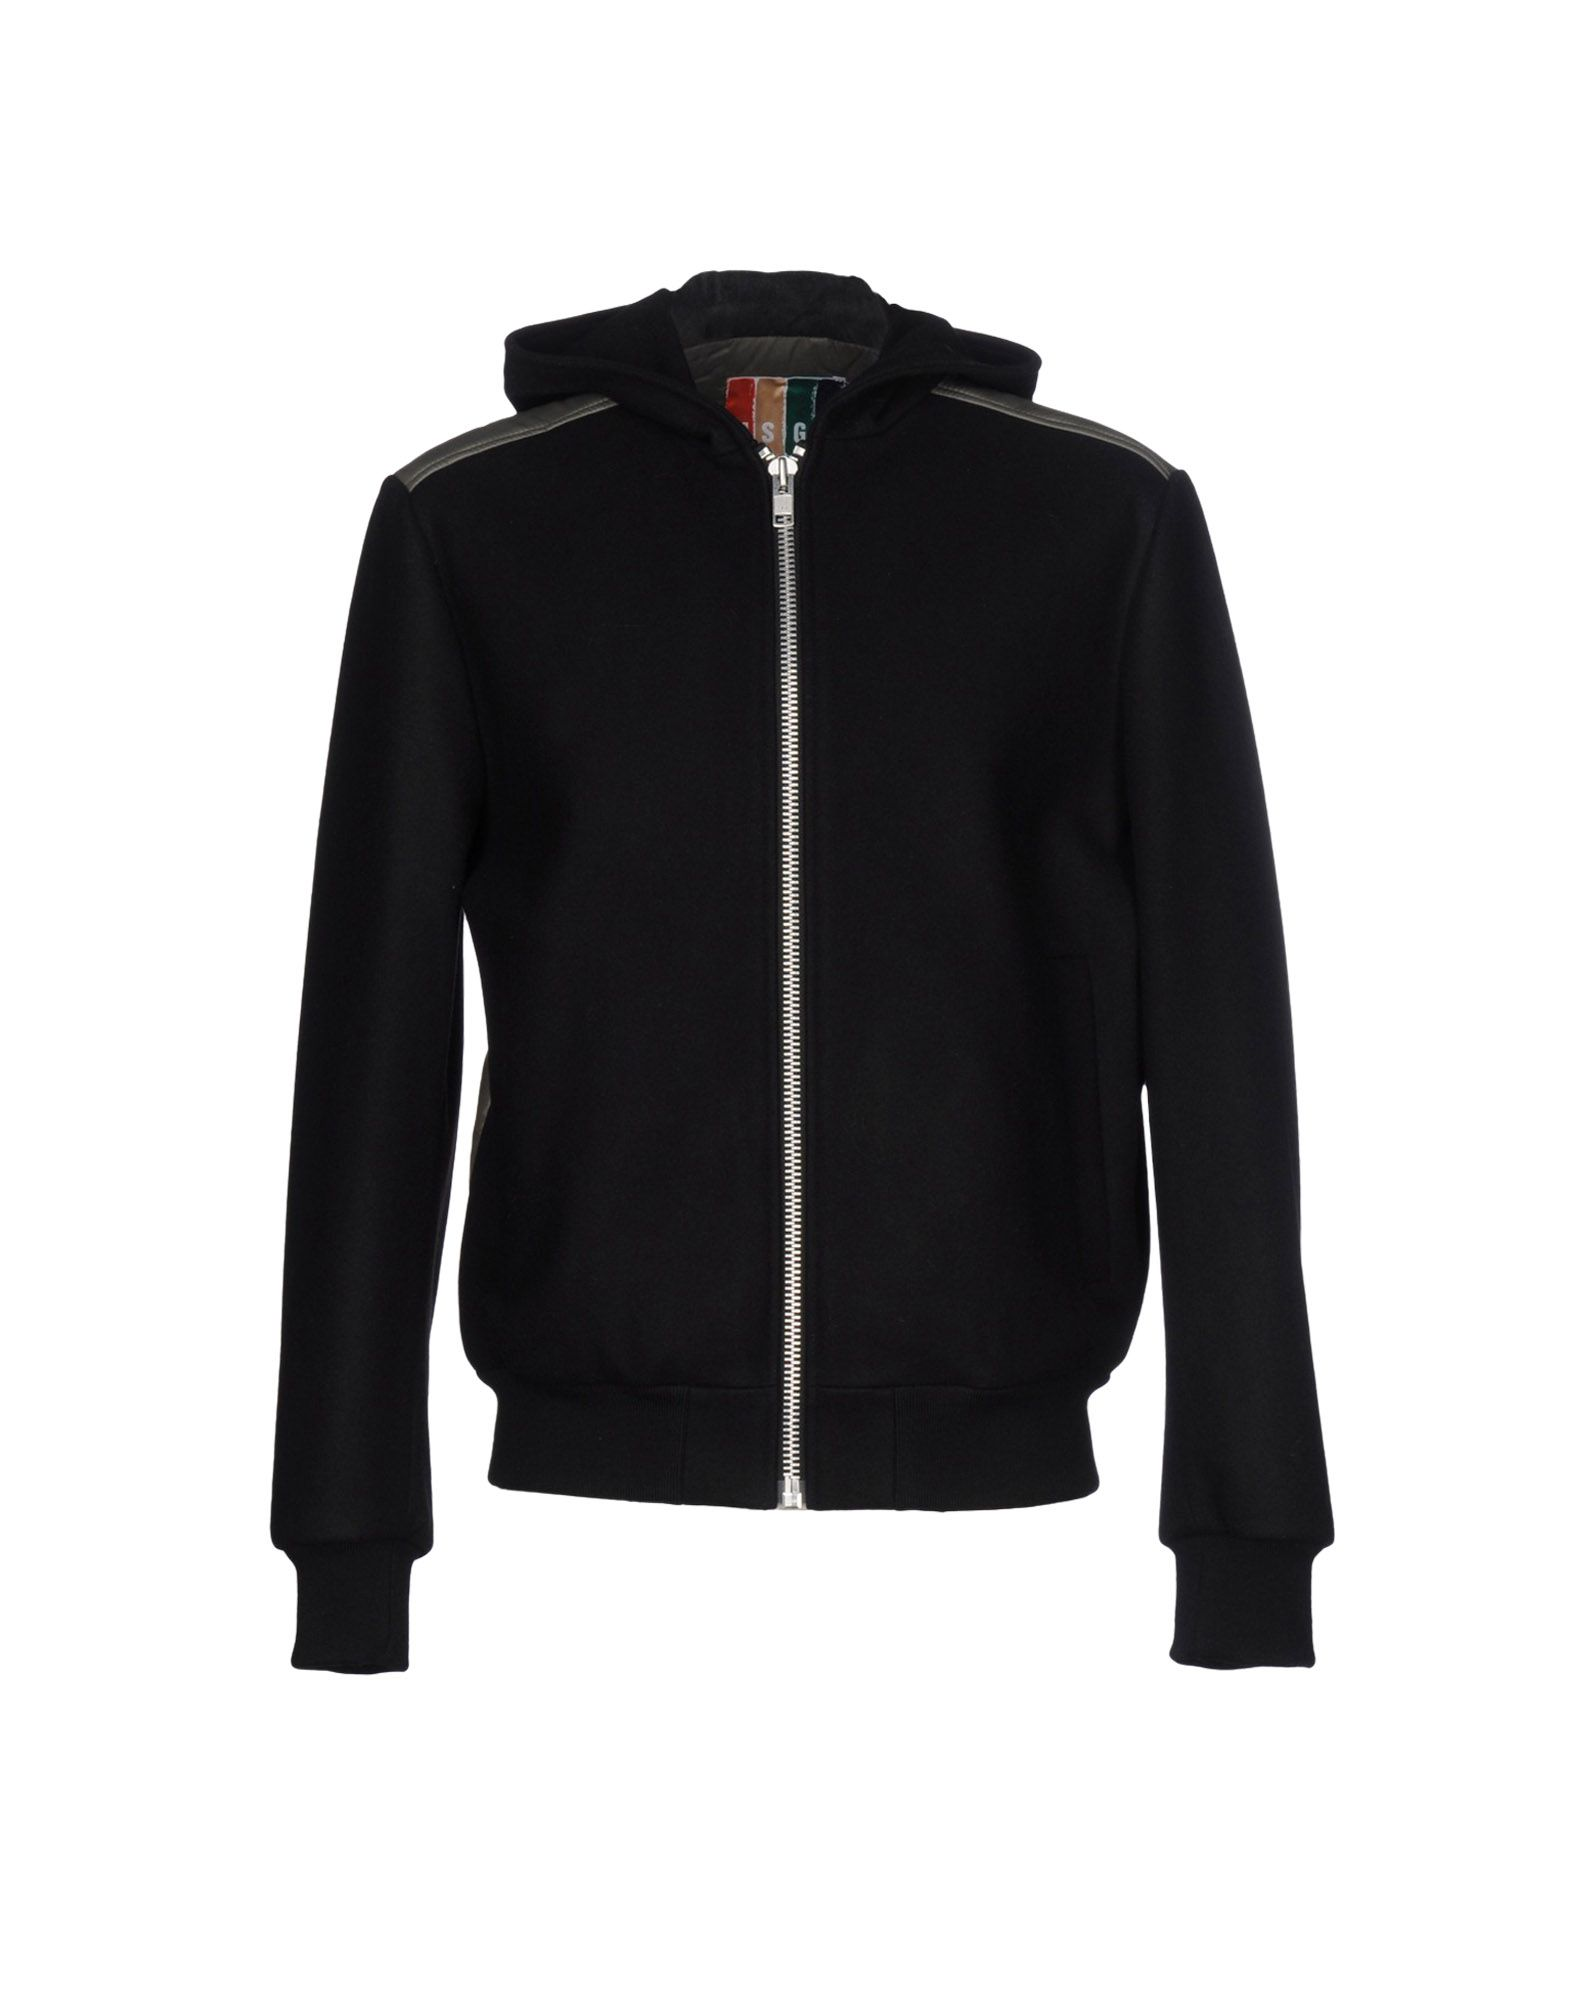 MSGM Herren Jacke Farbe Schwarz Größe 3